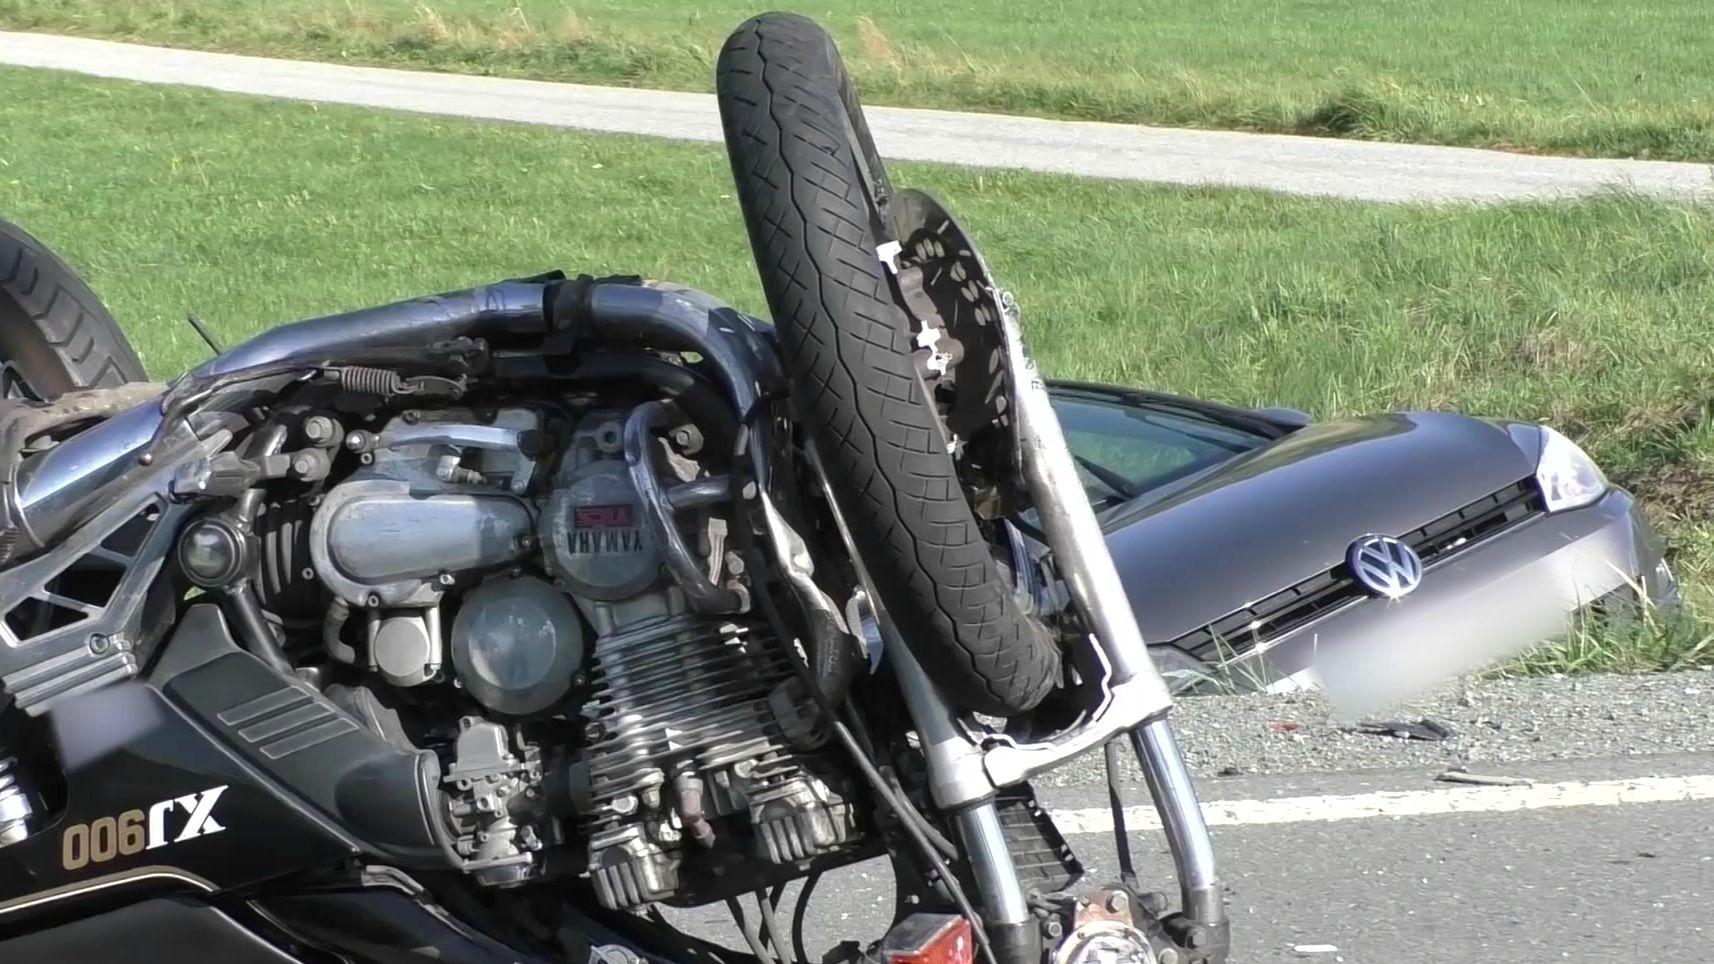 Verunglücktes Motorrad bei Goldkronach im Landkreis Bayreuth